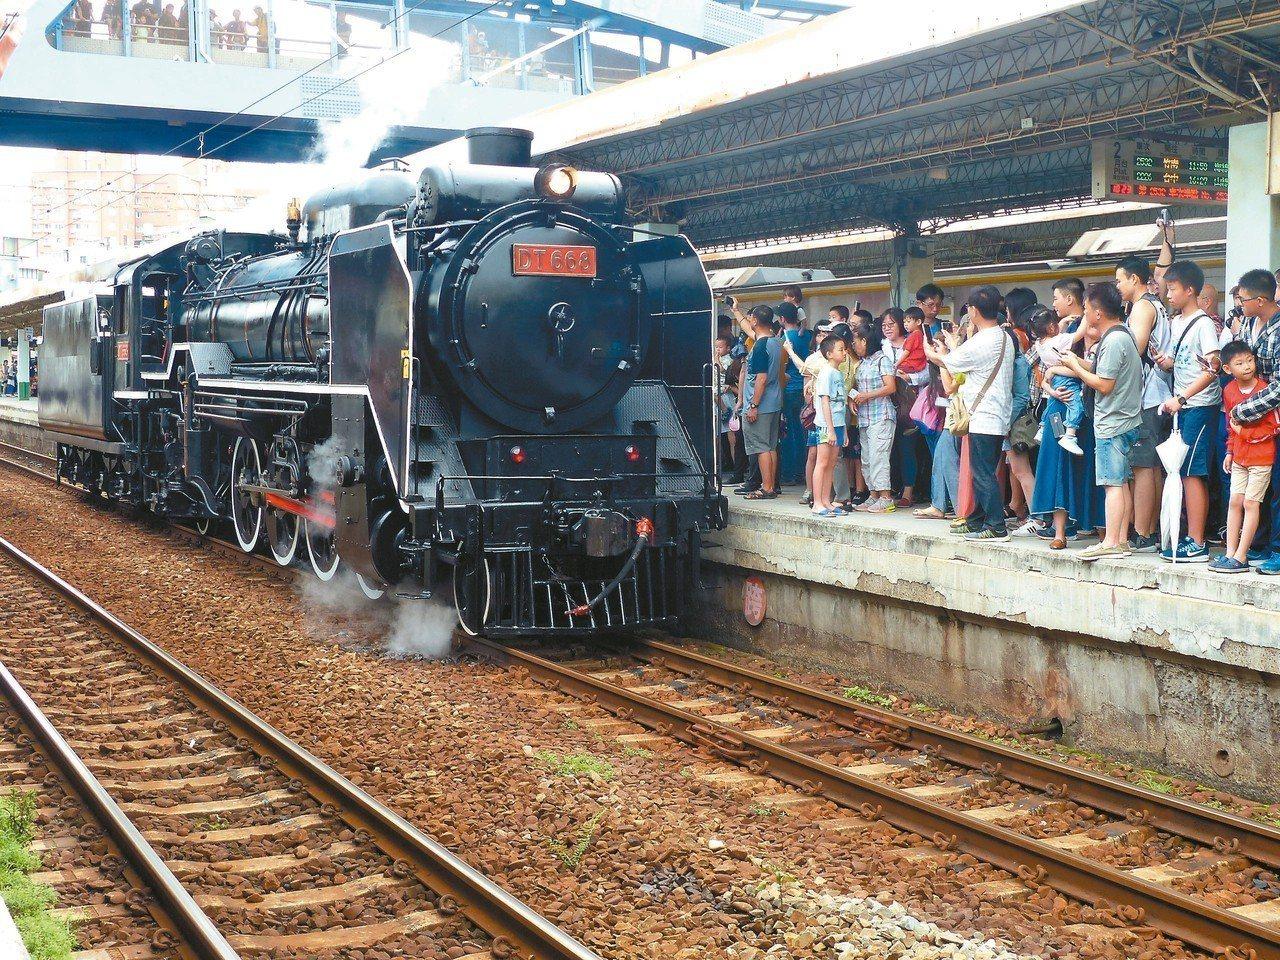 DT668蒸汽火車緩緩駛進彰化站第二月台,鐵道迷爭著搶拍。 記者劉明岩/攝影